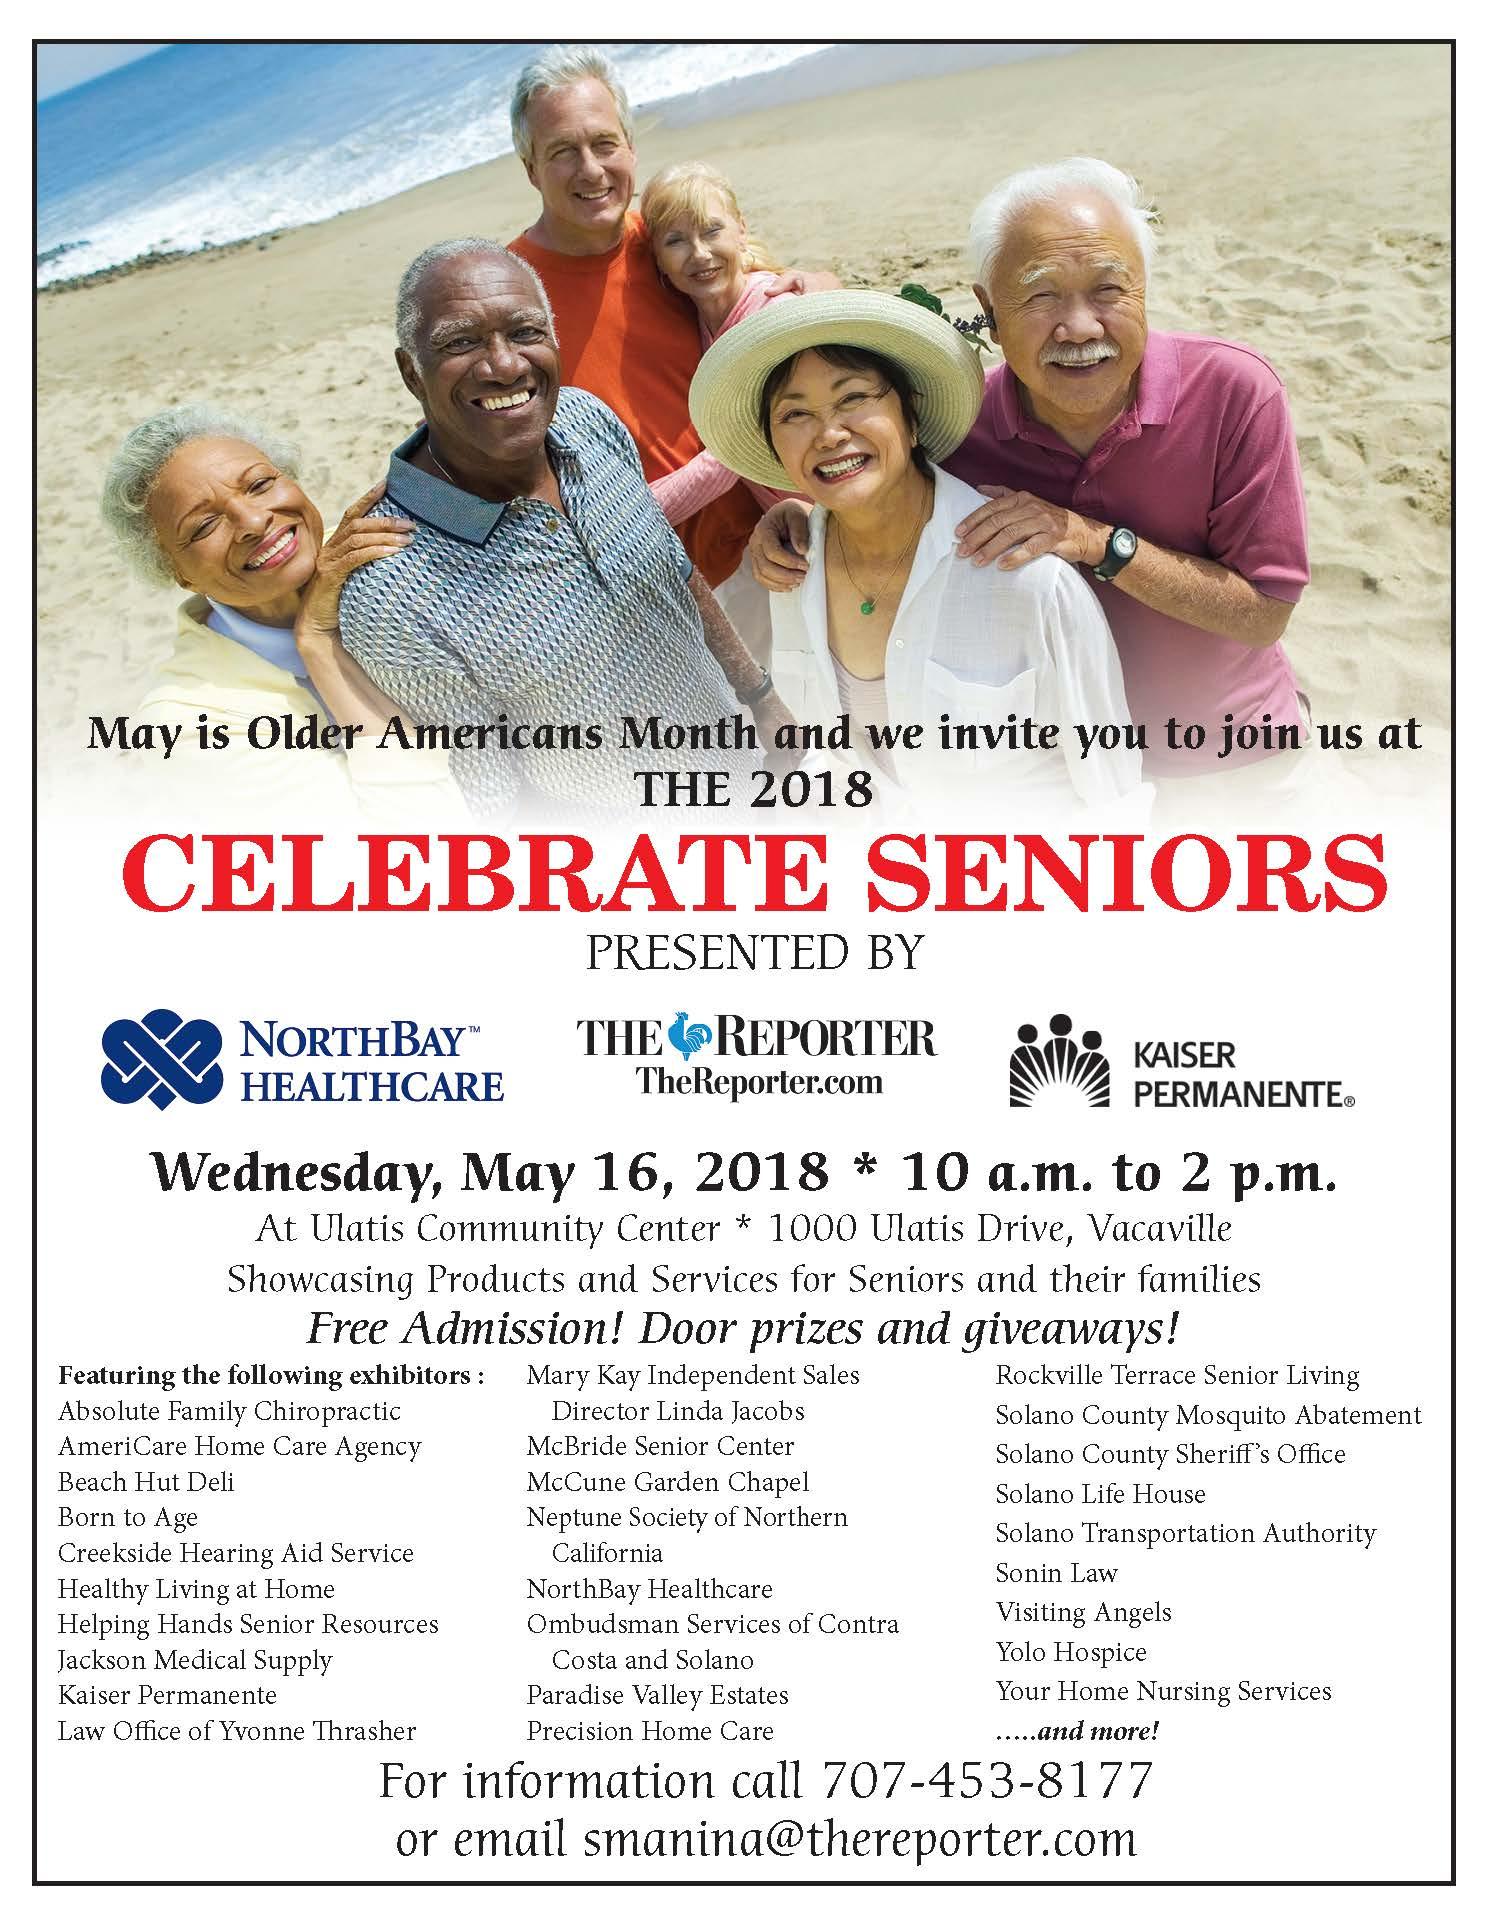 Celebrate Seniors 2018 | Event Calendar (All In One